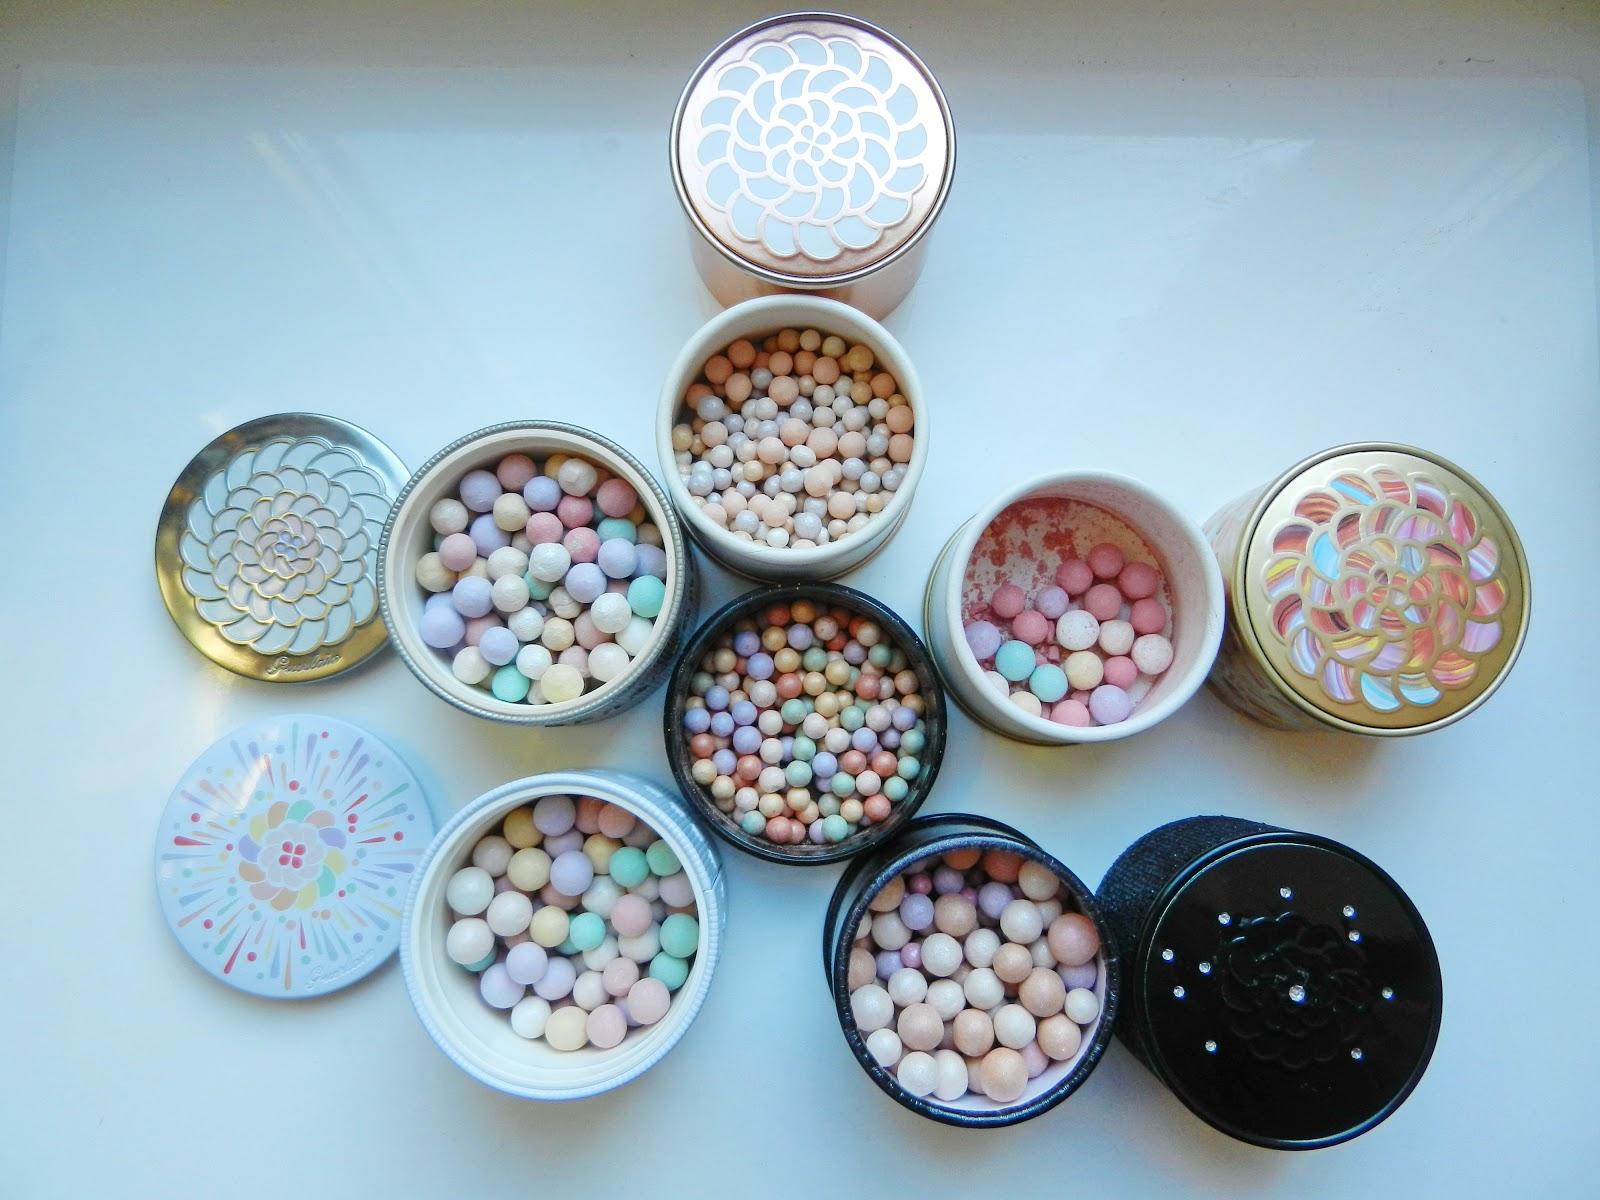 Что такое пудра шарики от эйвон 7 фотография